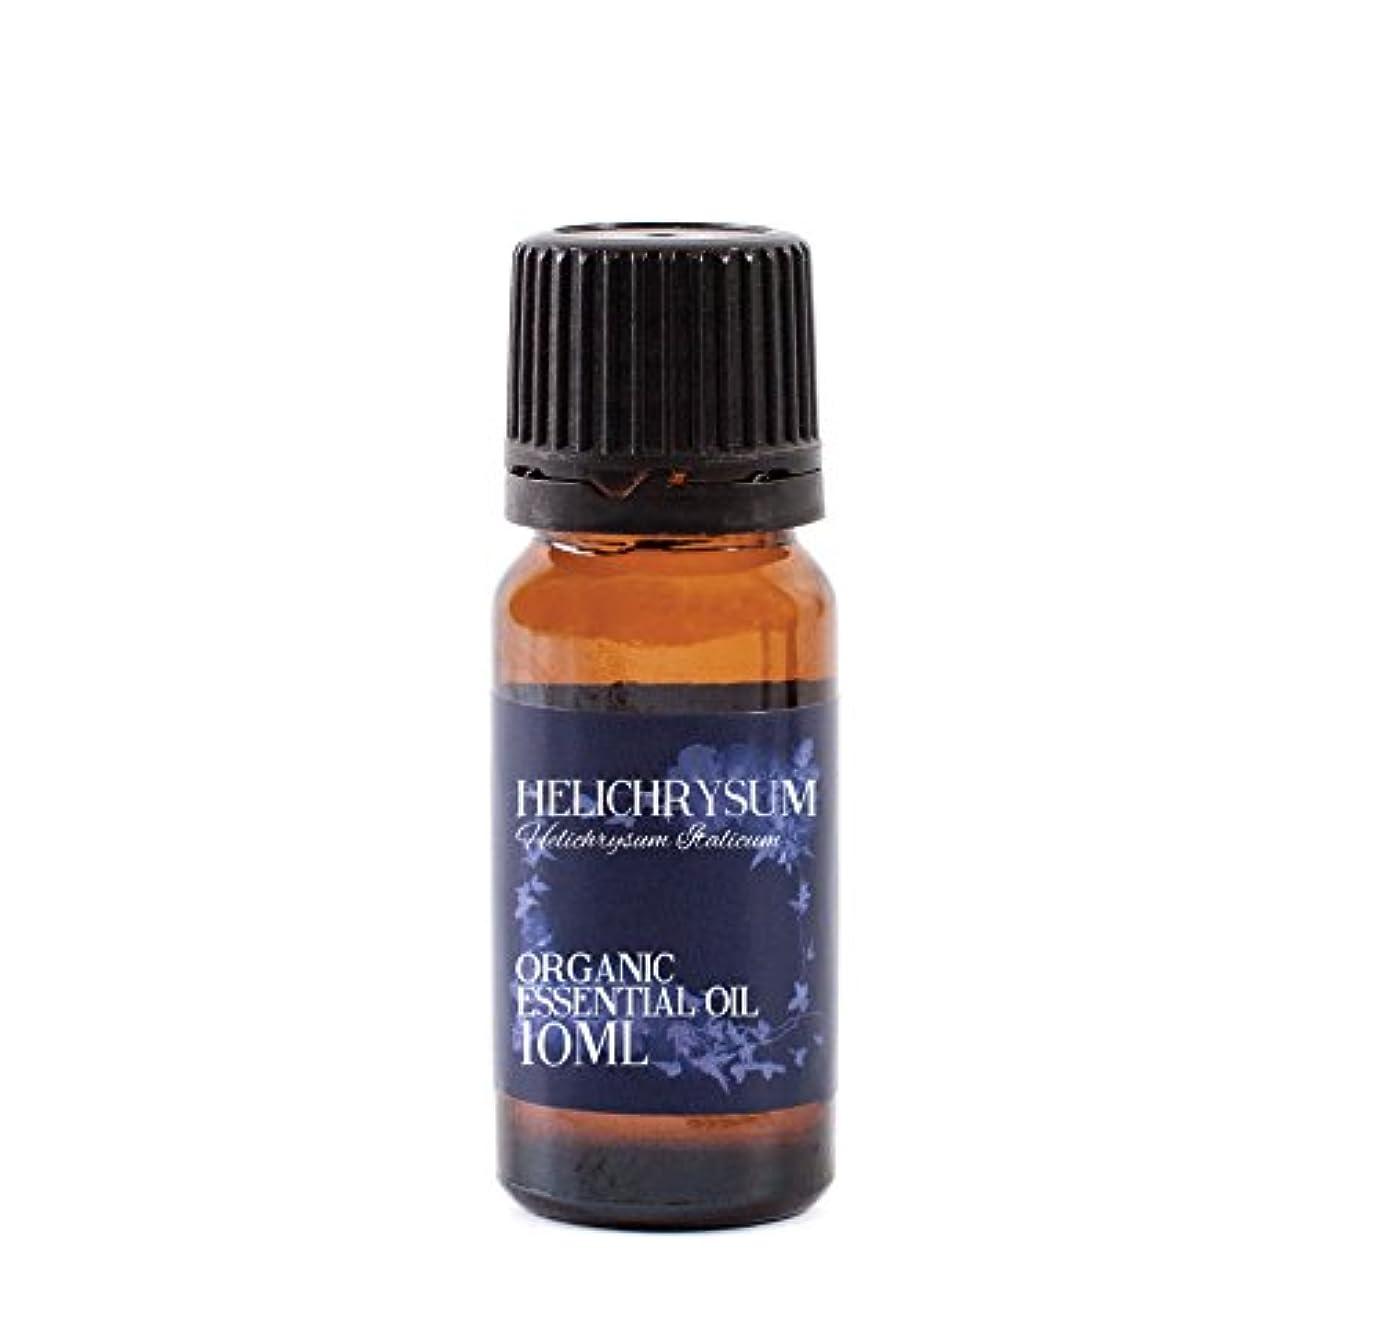 通常肥沃な恥ずかしさMystic Moments | Helichrysum Organic Essential Oil - 10ml - 100% Pure